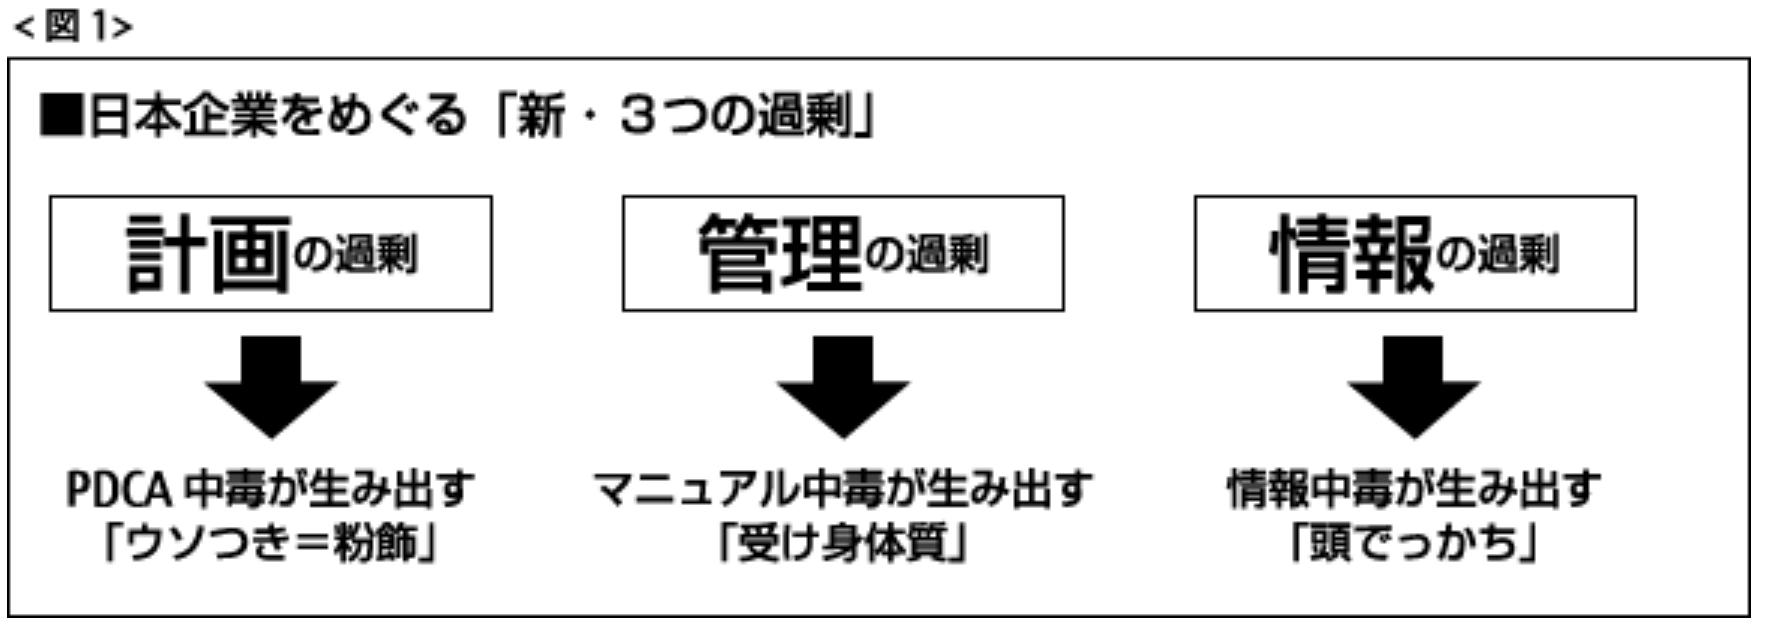 日本企業をめぐる3つの過剰